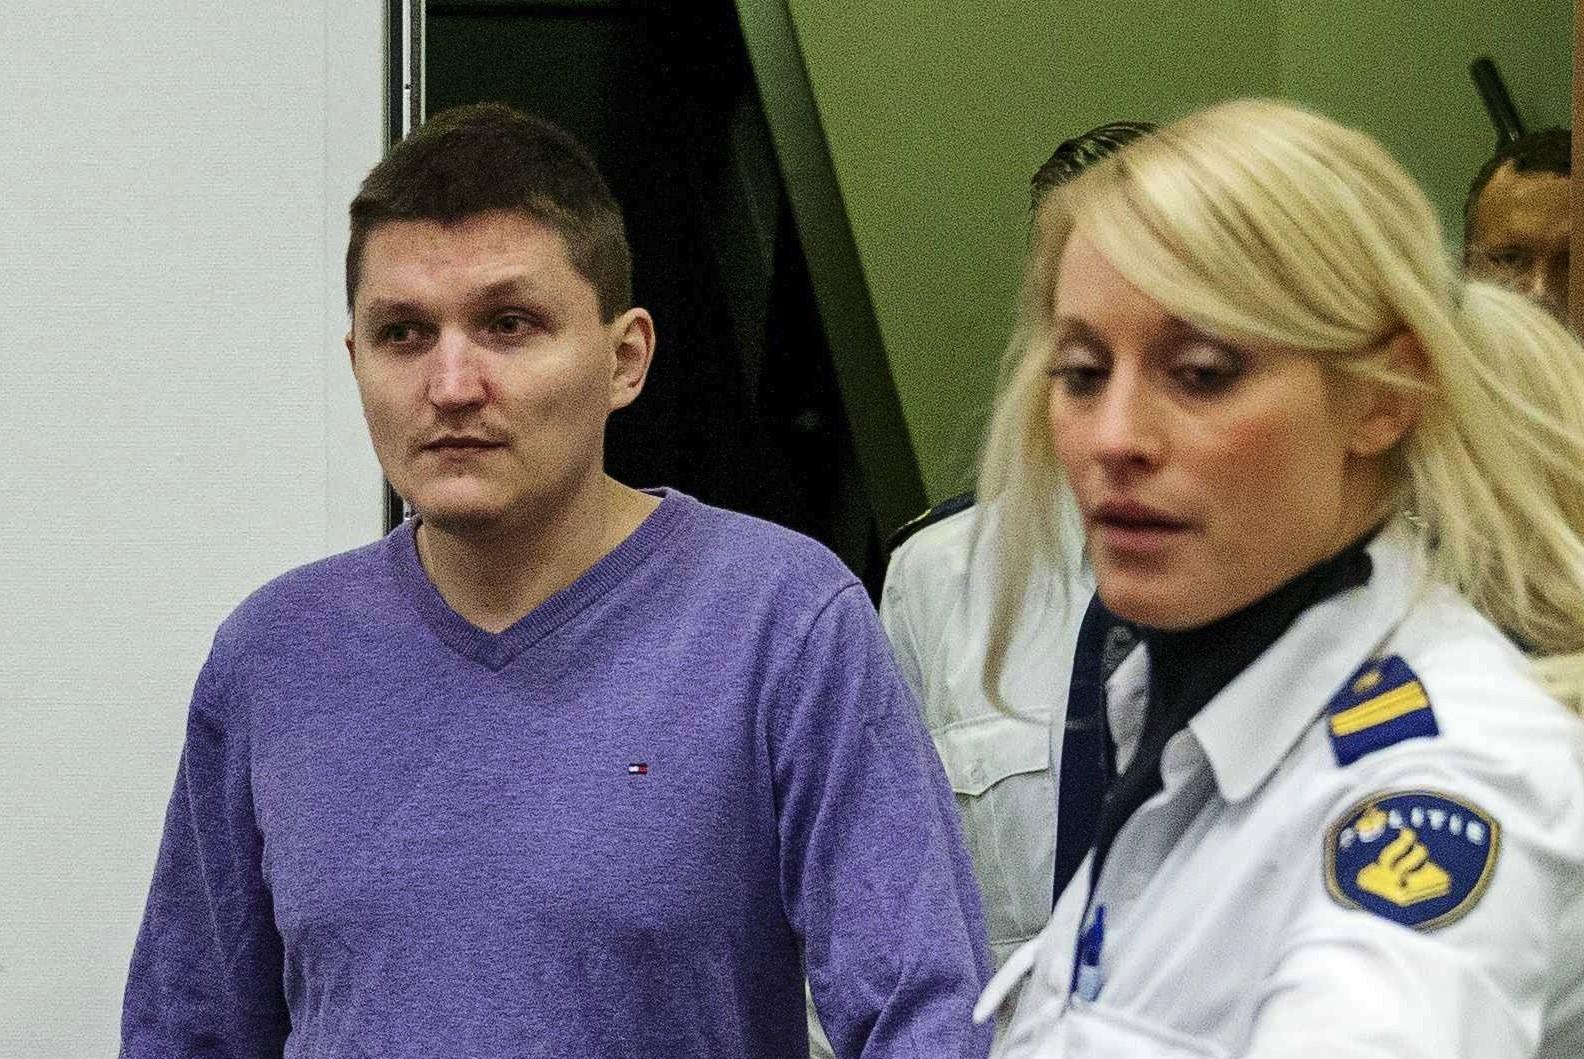 В США доставлен русский хакер, обвиняемый в организации крупной хакерской атаки